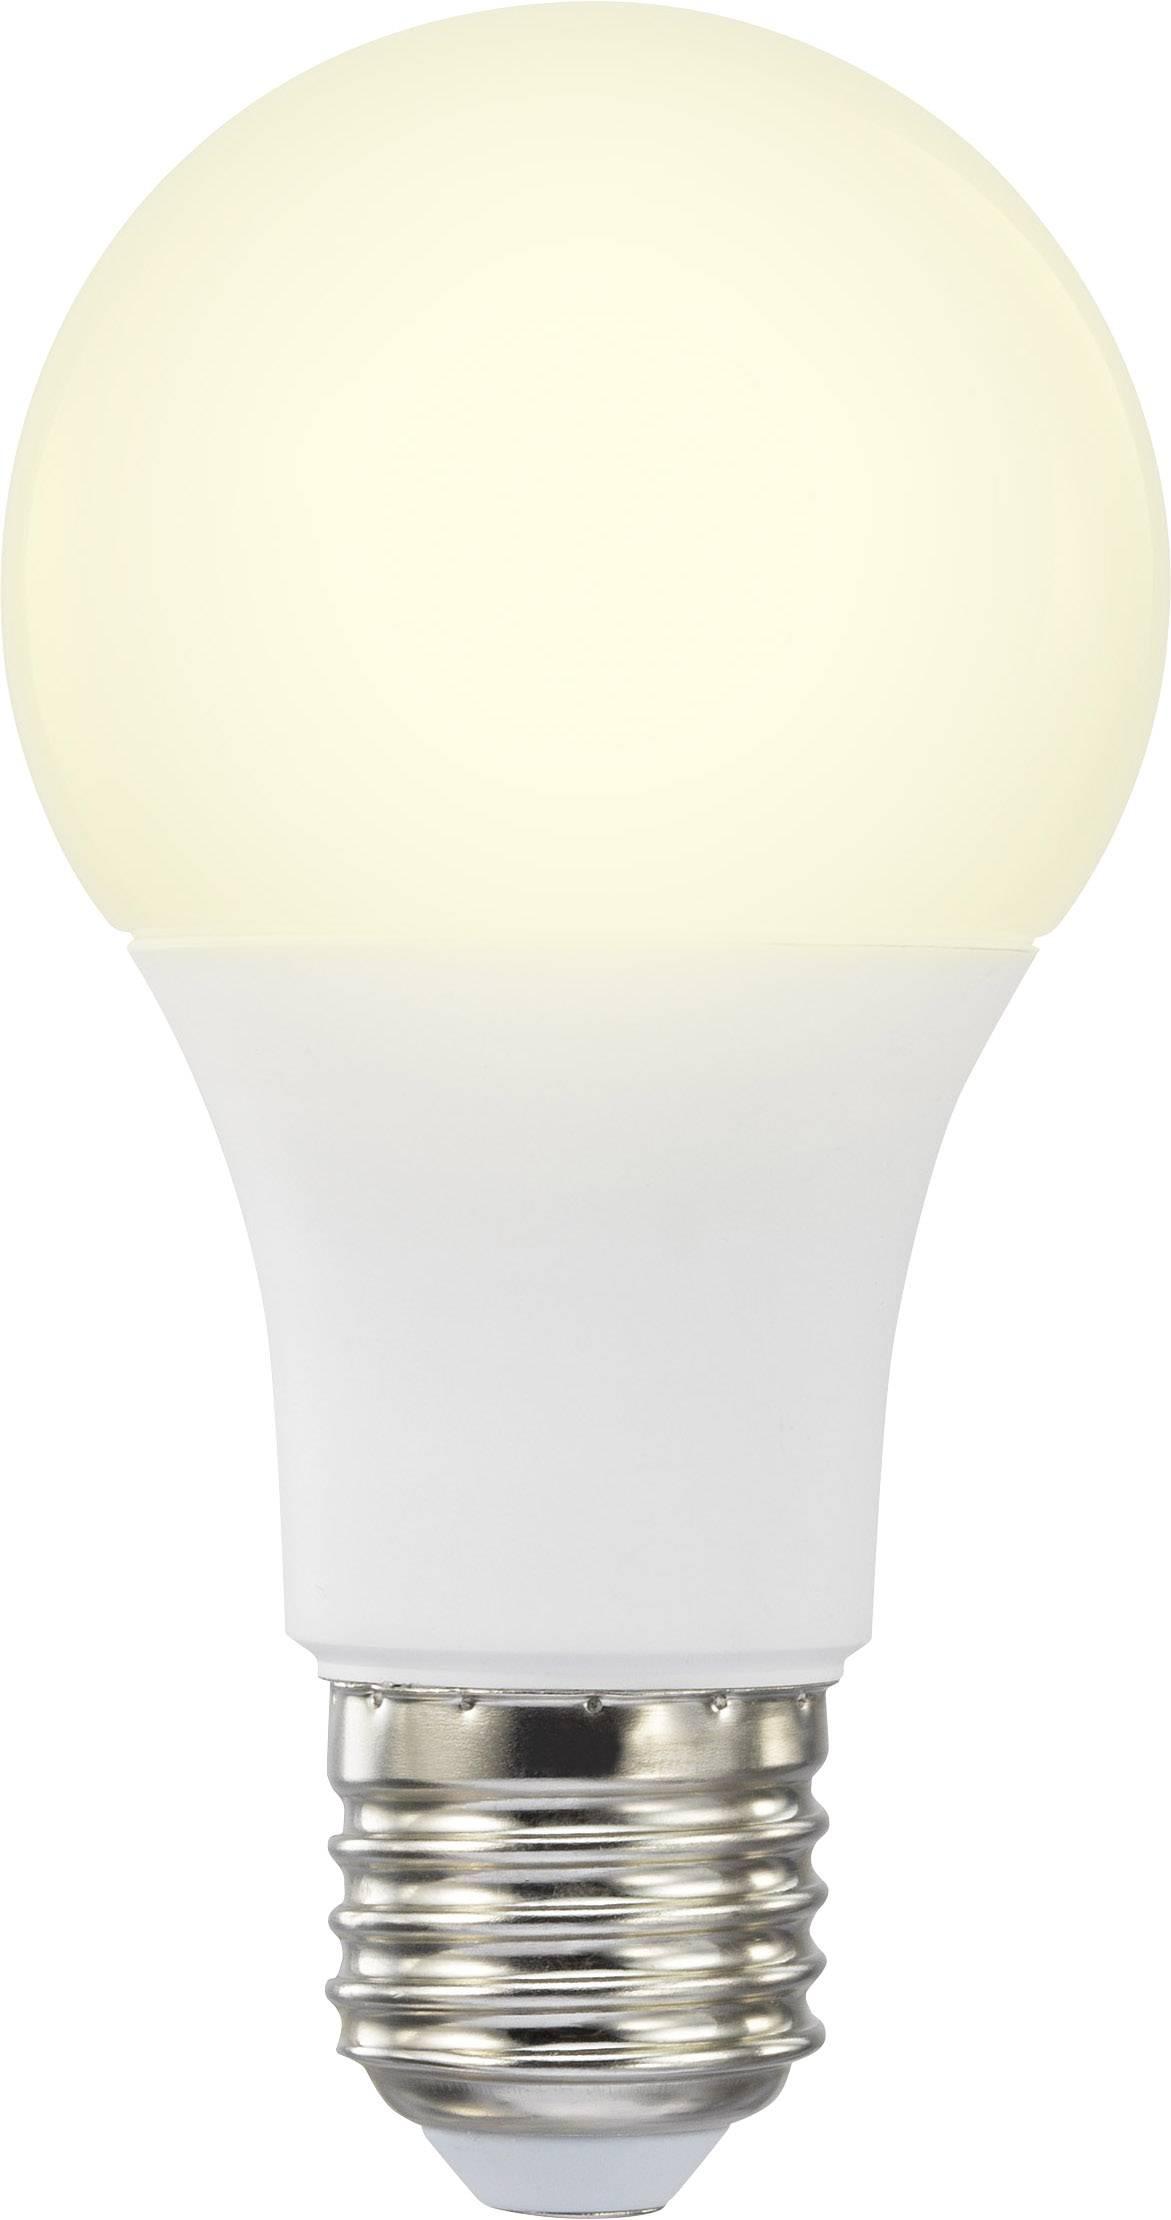 Žárovky, zářivky, výbojky, LED